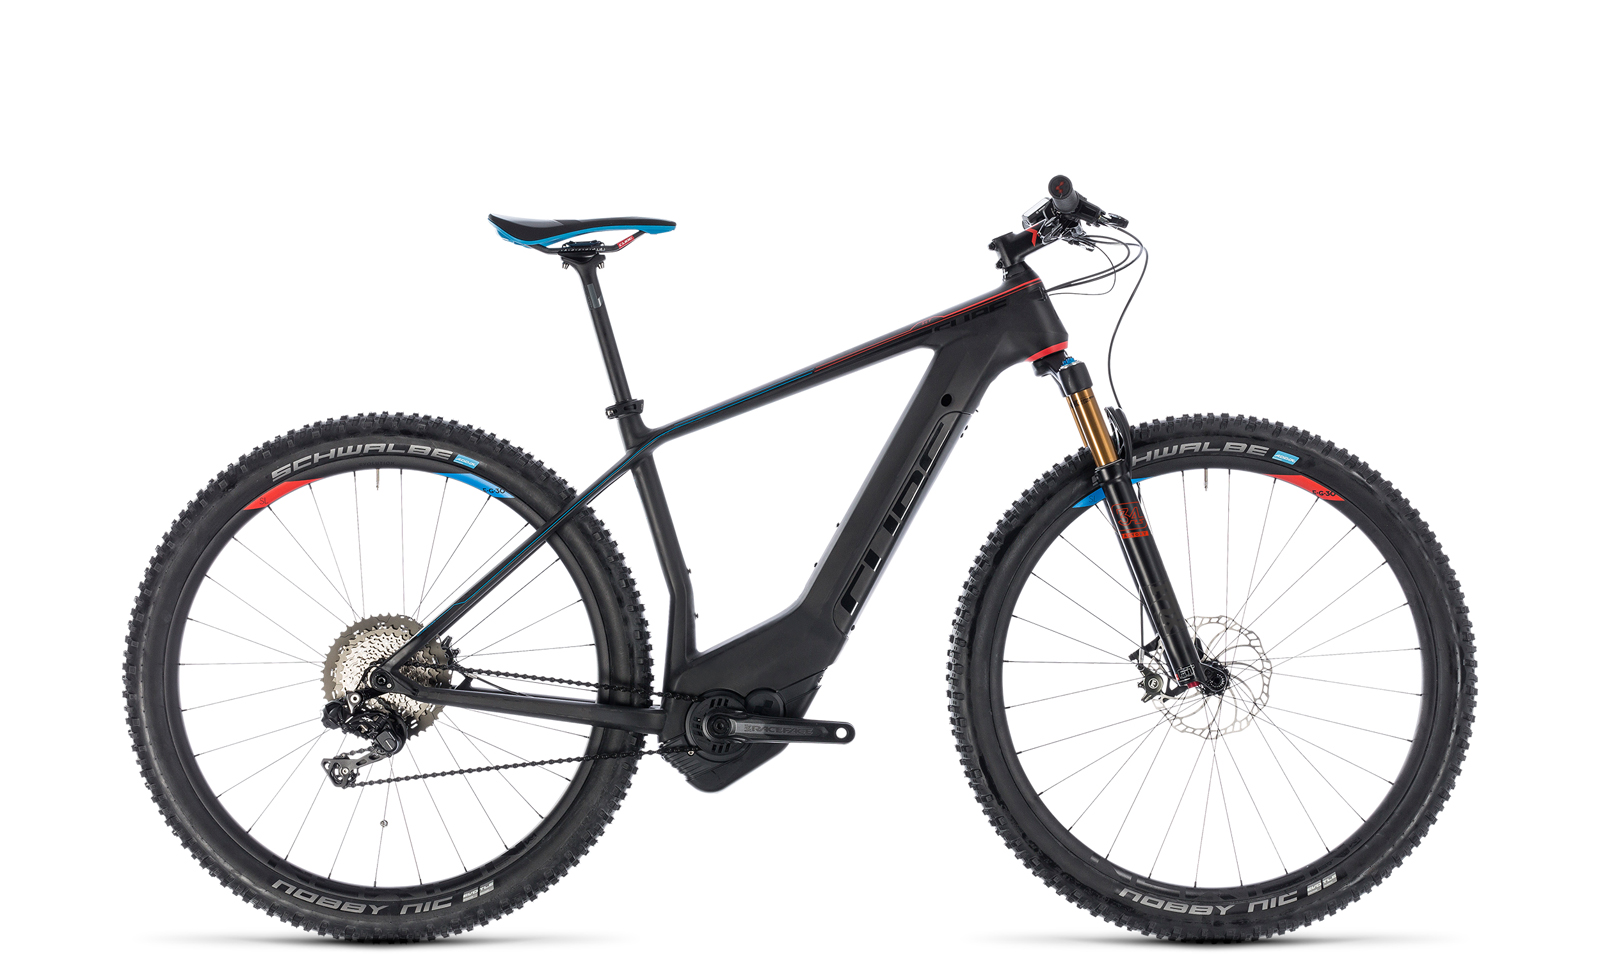 cube elite c 62 slt 500 29 39 39 carbon pedelec e bike mtb. Black Bedroom Furniture Sets. Home Design Ideas